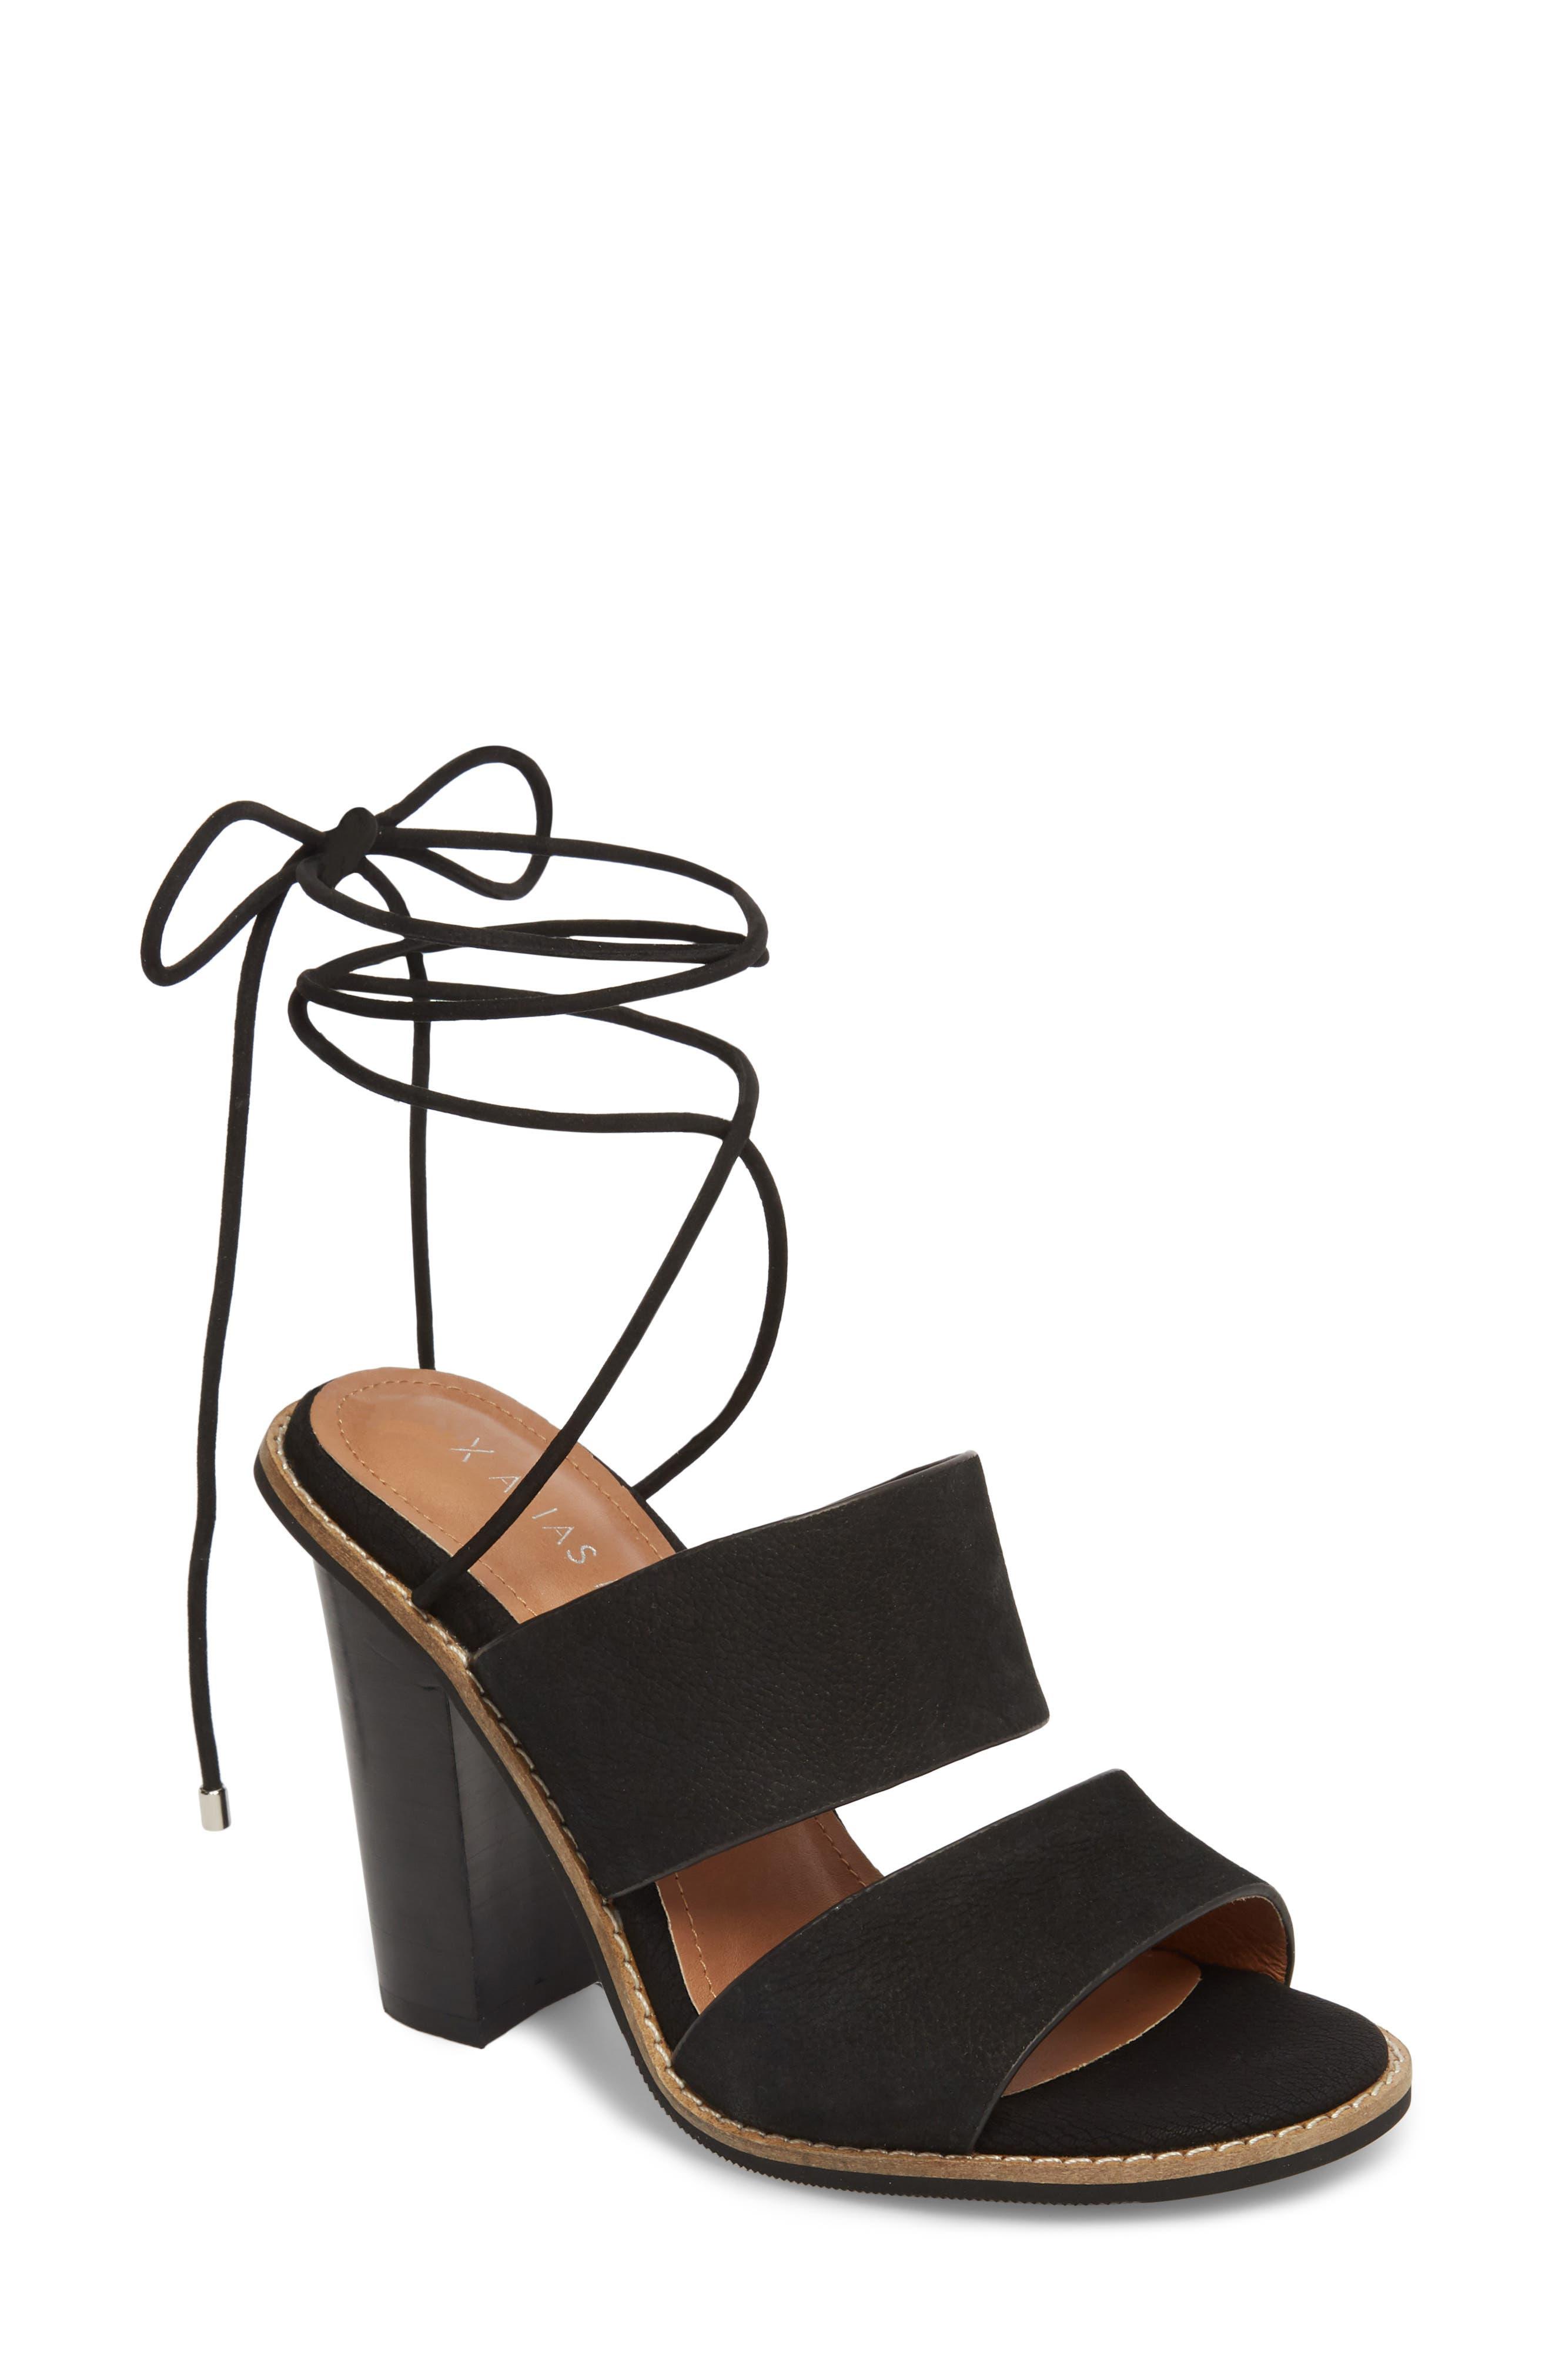 Cabrilla Sandal,                         Main,                         color,